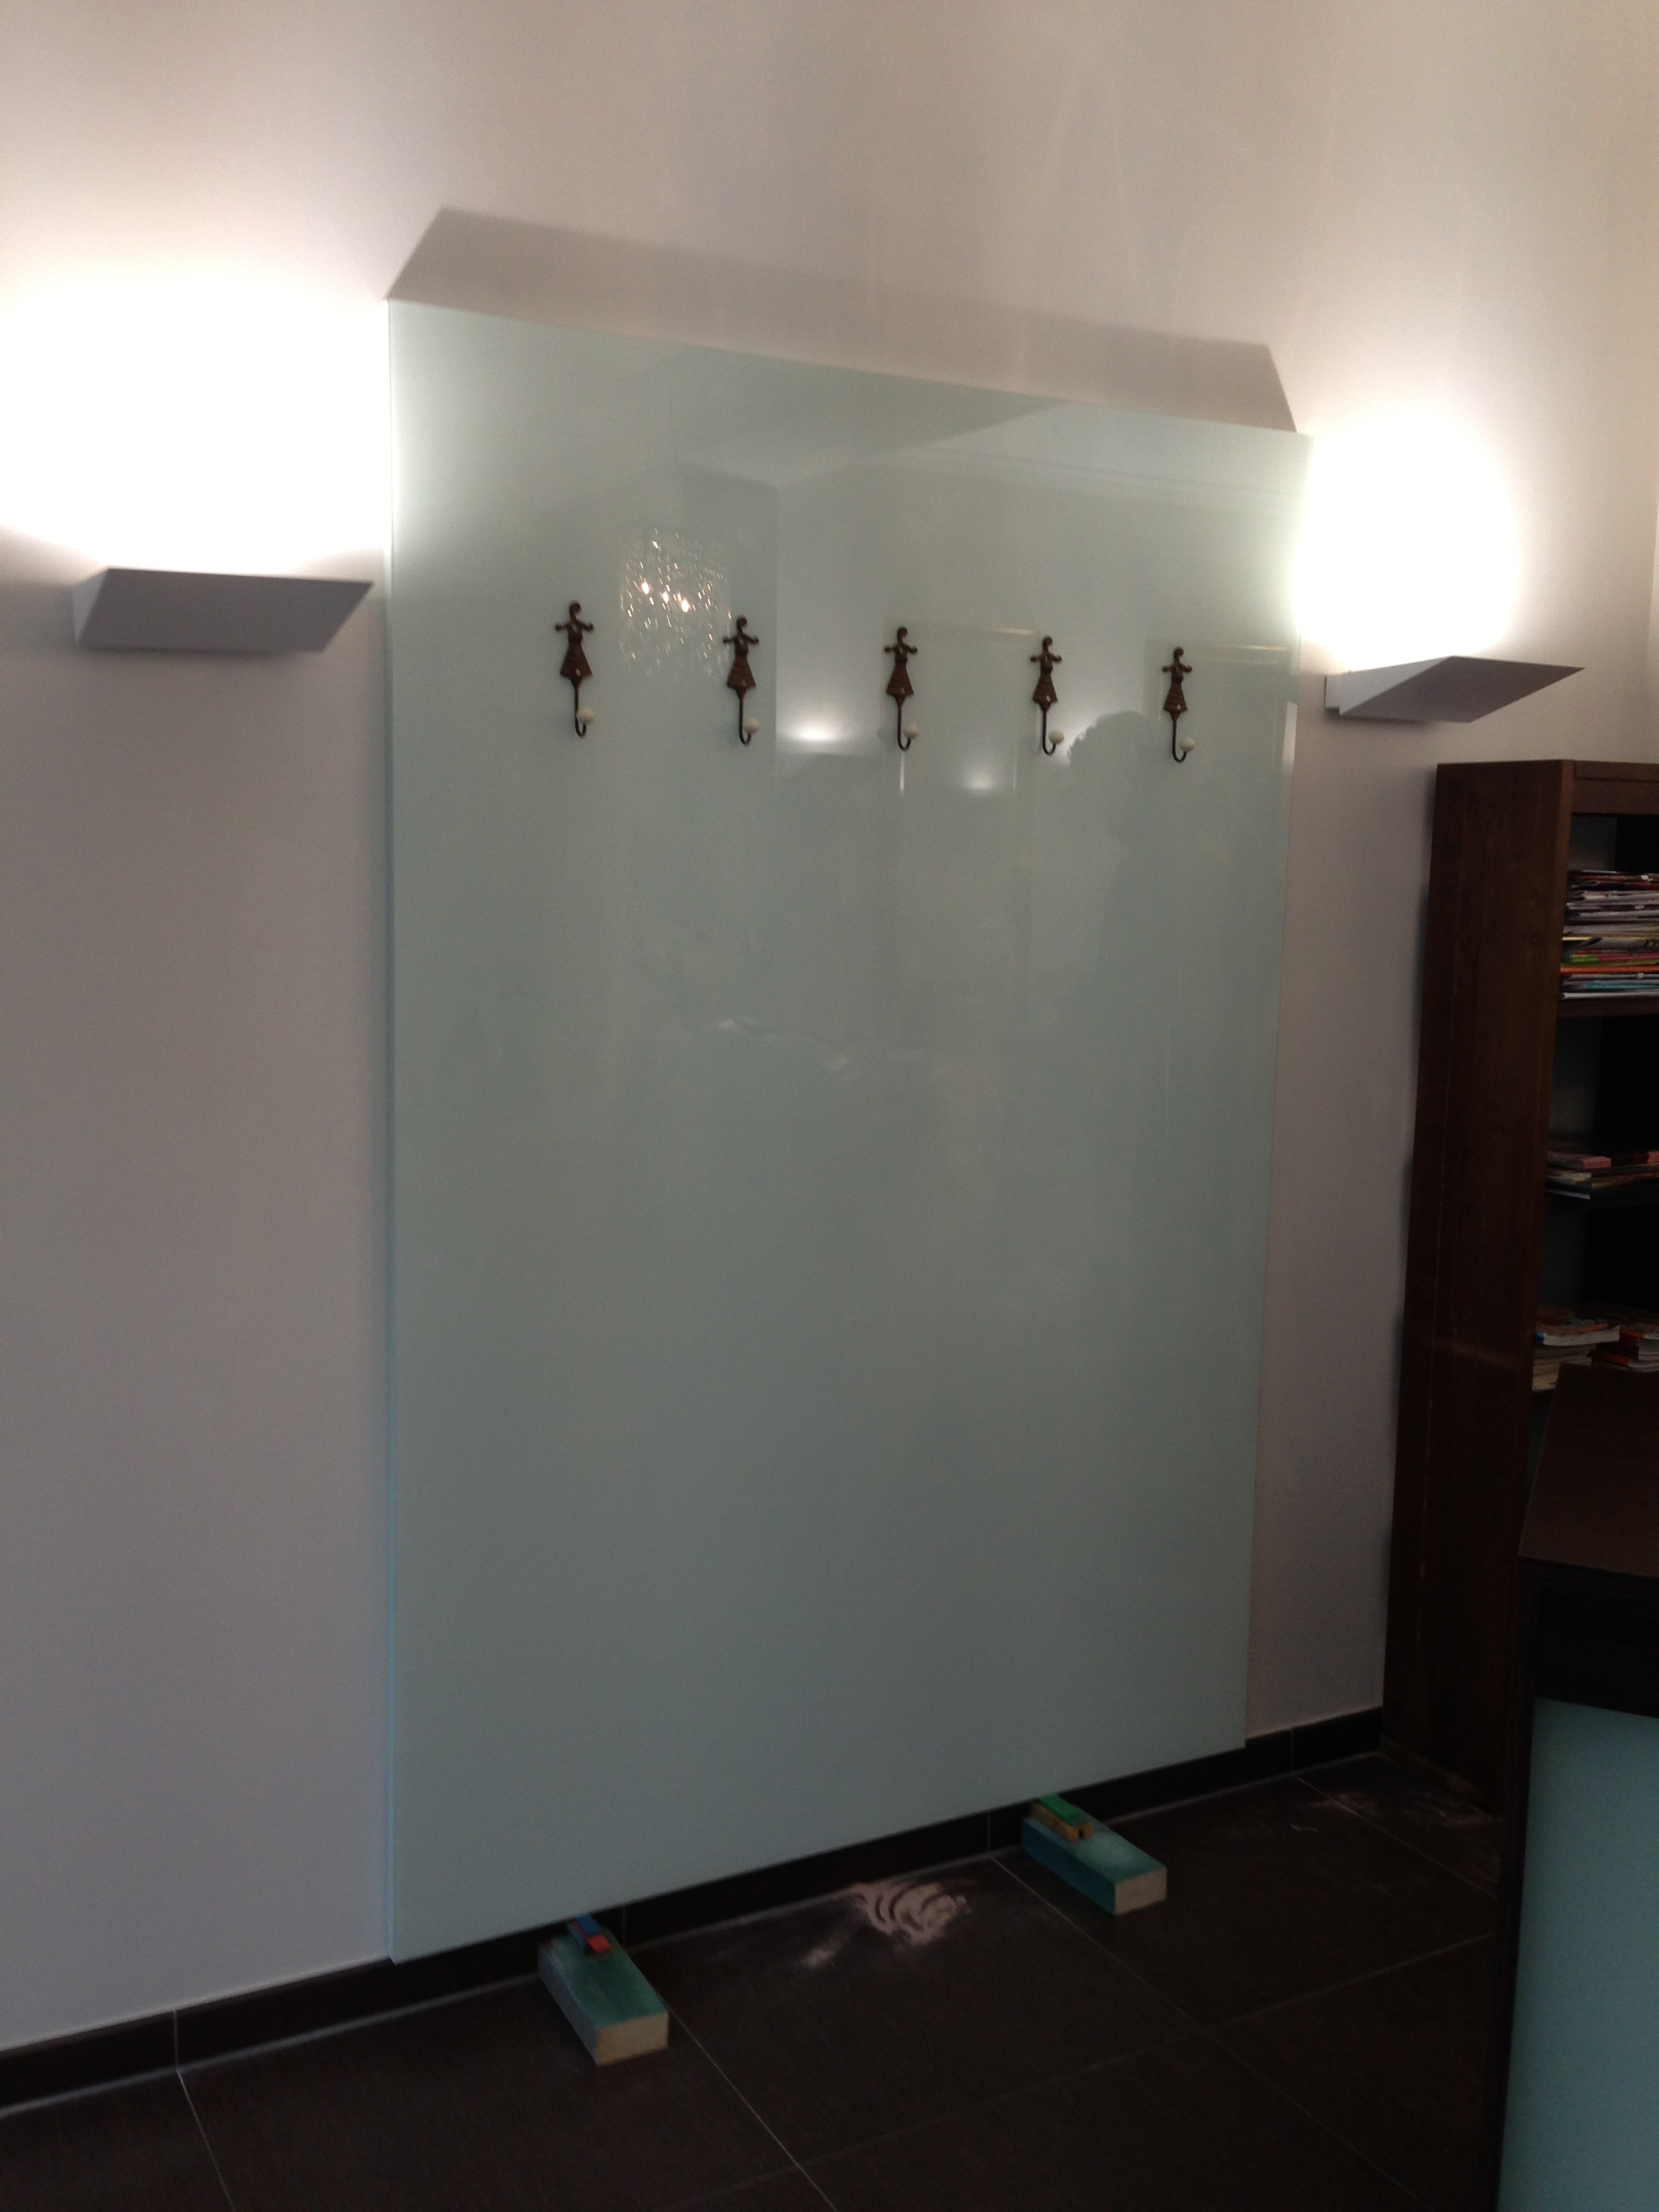 Kanten geschliffen und poliert 300 x 2300 mm Glasplatten ESG 4mm Einscheibensicherheitsglas nach DIN biege- und sto/ßbelastbar. Nach Ma/ß bis 30 x 230 cm bis 200 x 300 cm klar durchsichtig